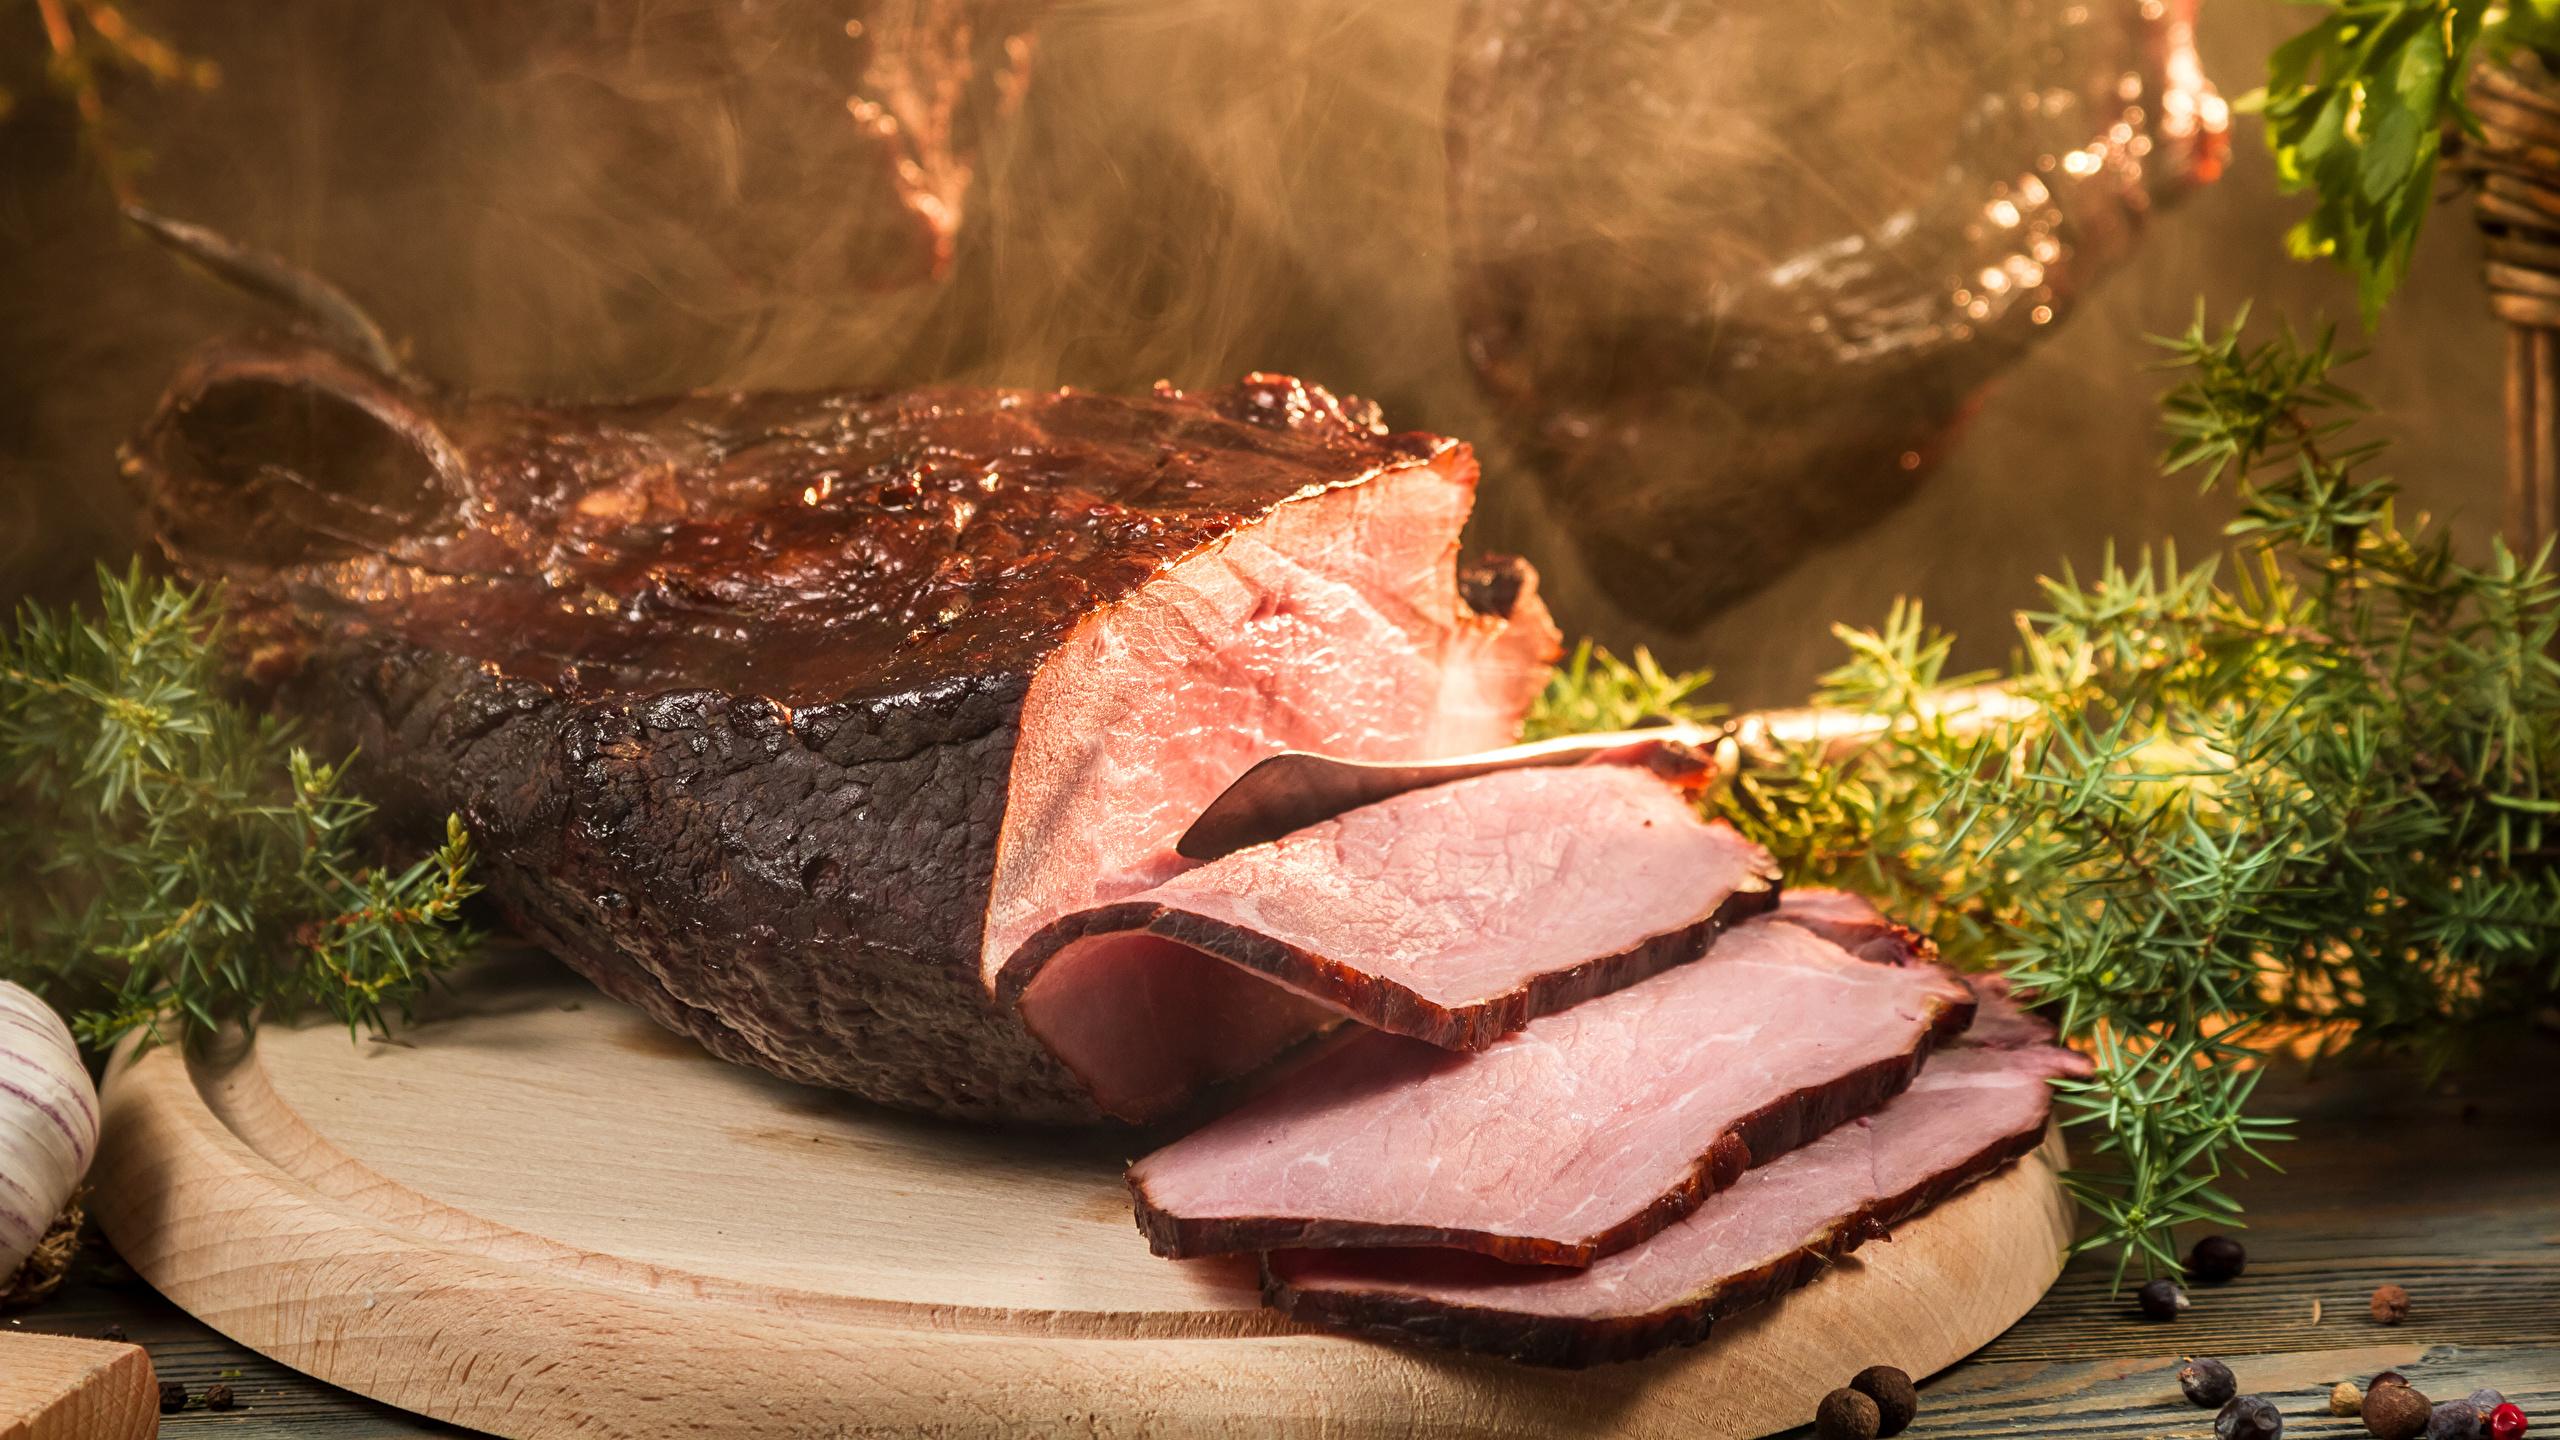 Картинки Ветчина Еда Нарезанные продукты Мясные продукты 2560x1440 Пища нарезка Продукты питания